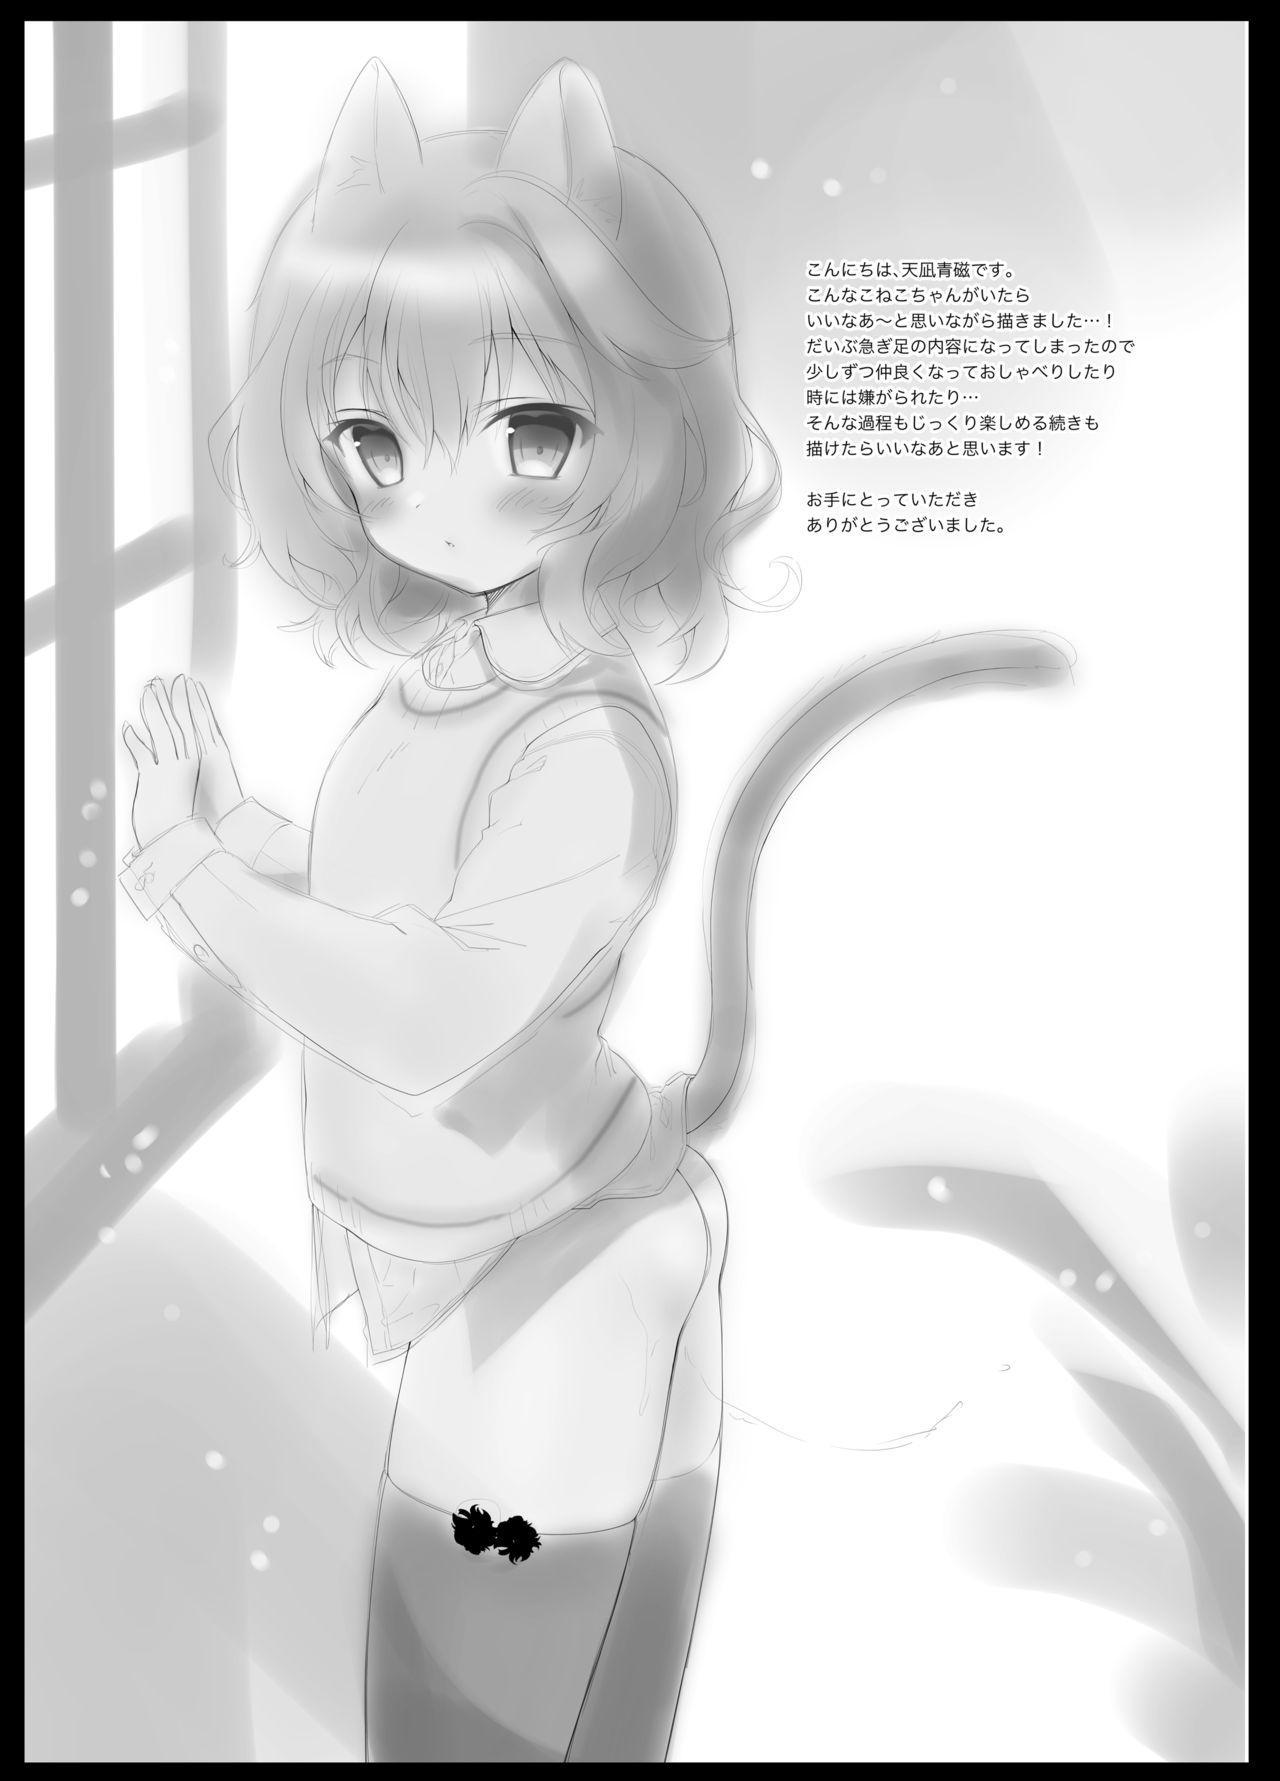 Koneko no Kaikata 15